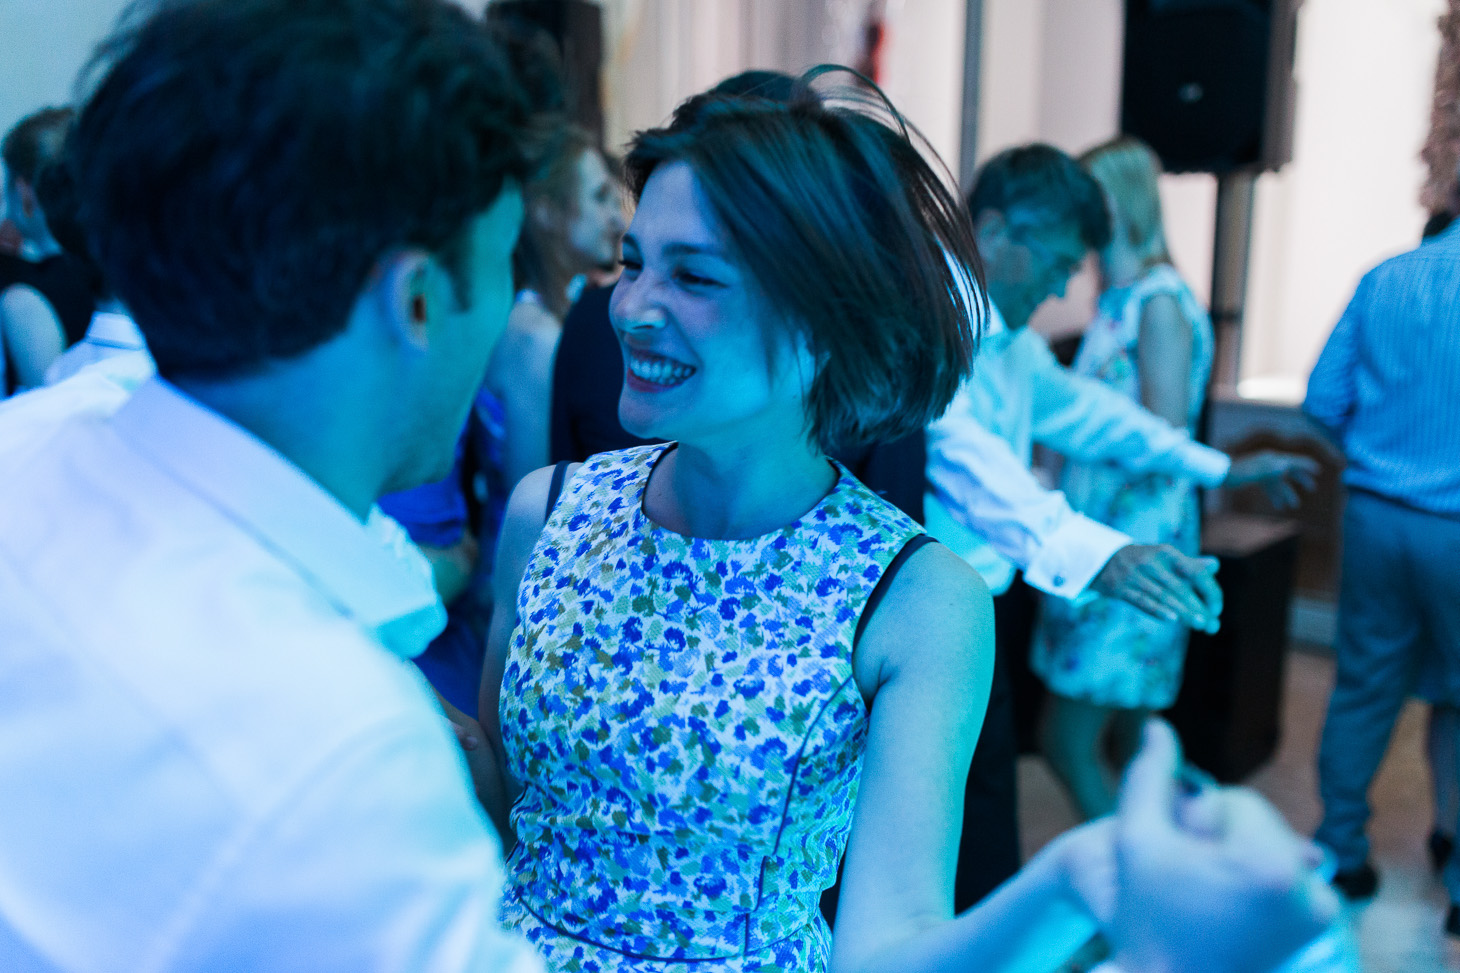 bourgogne_wedding_photographer_chateau_pommard-134